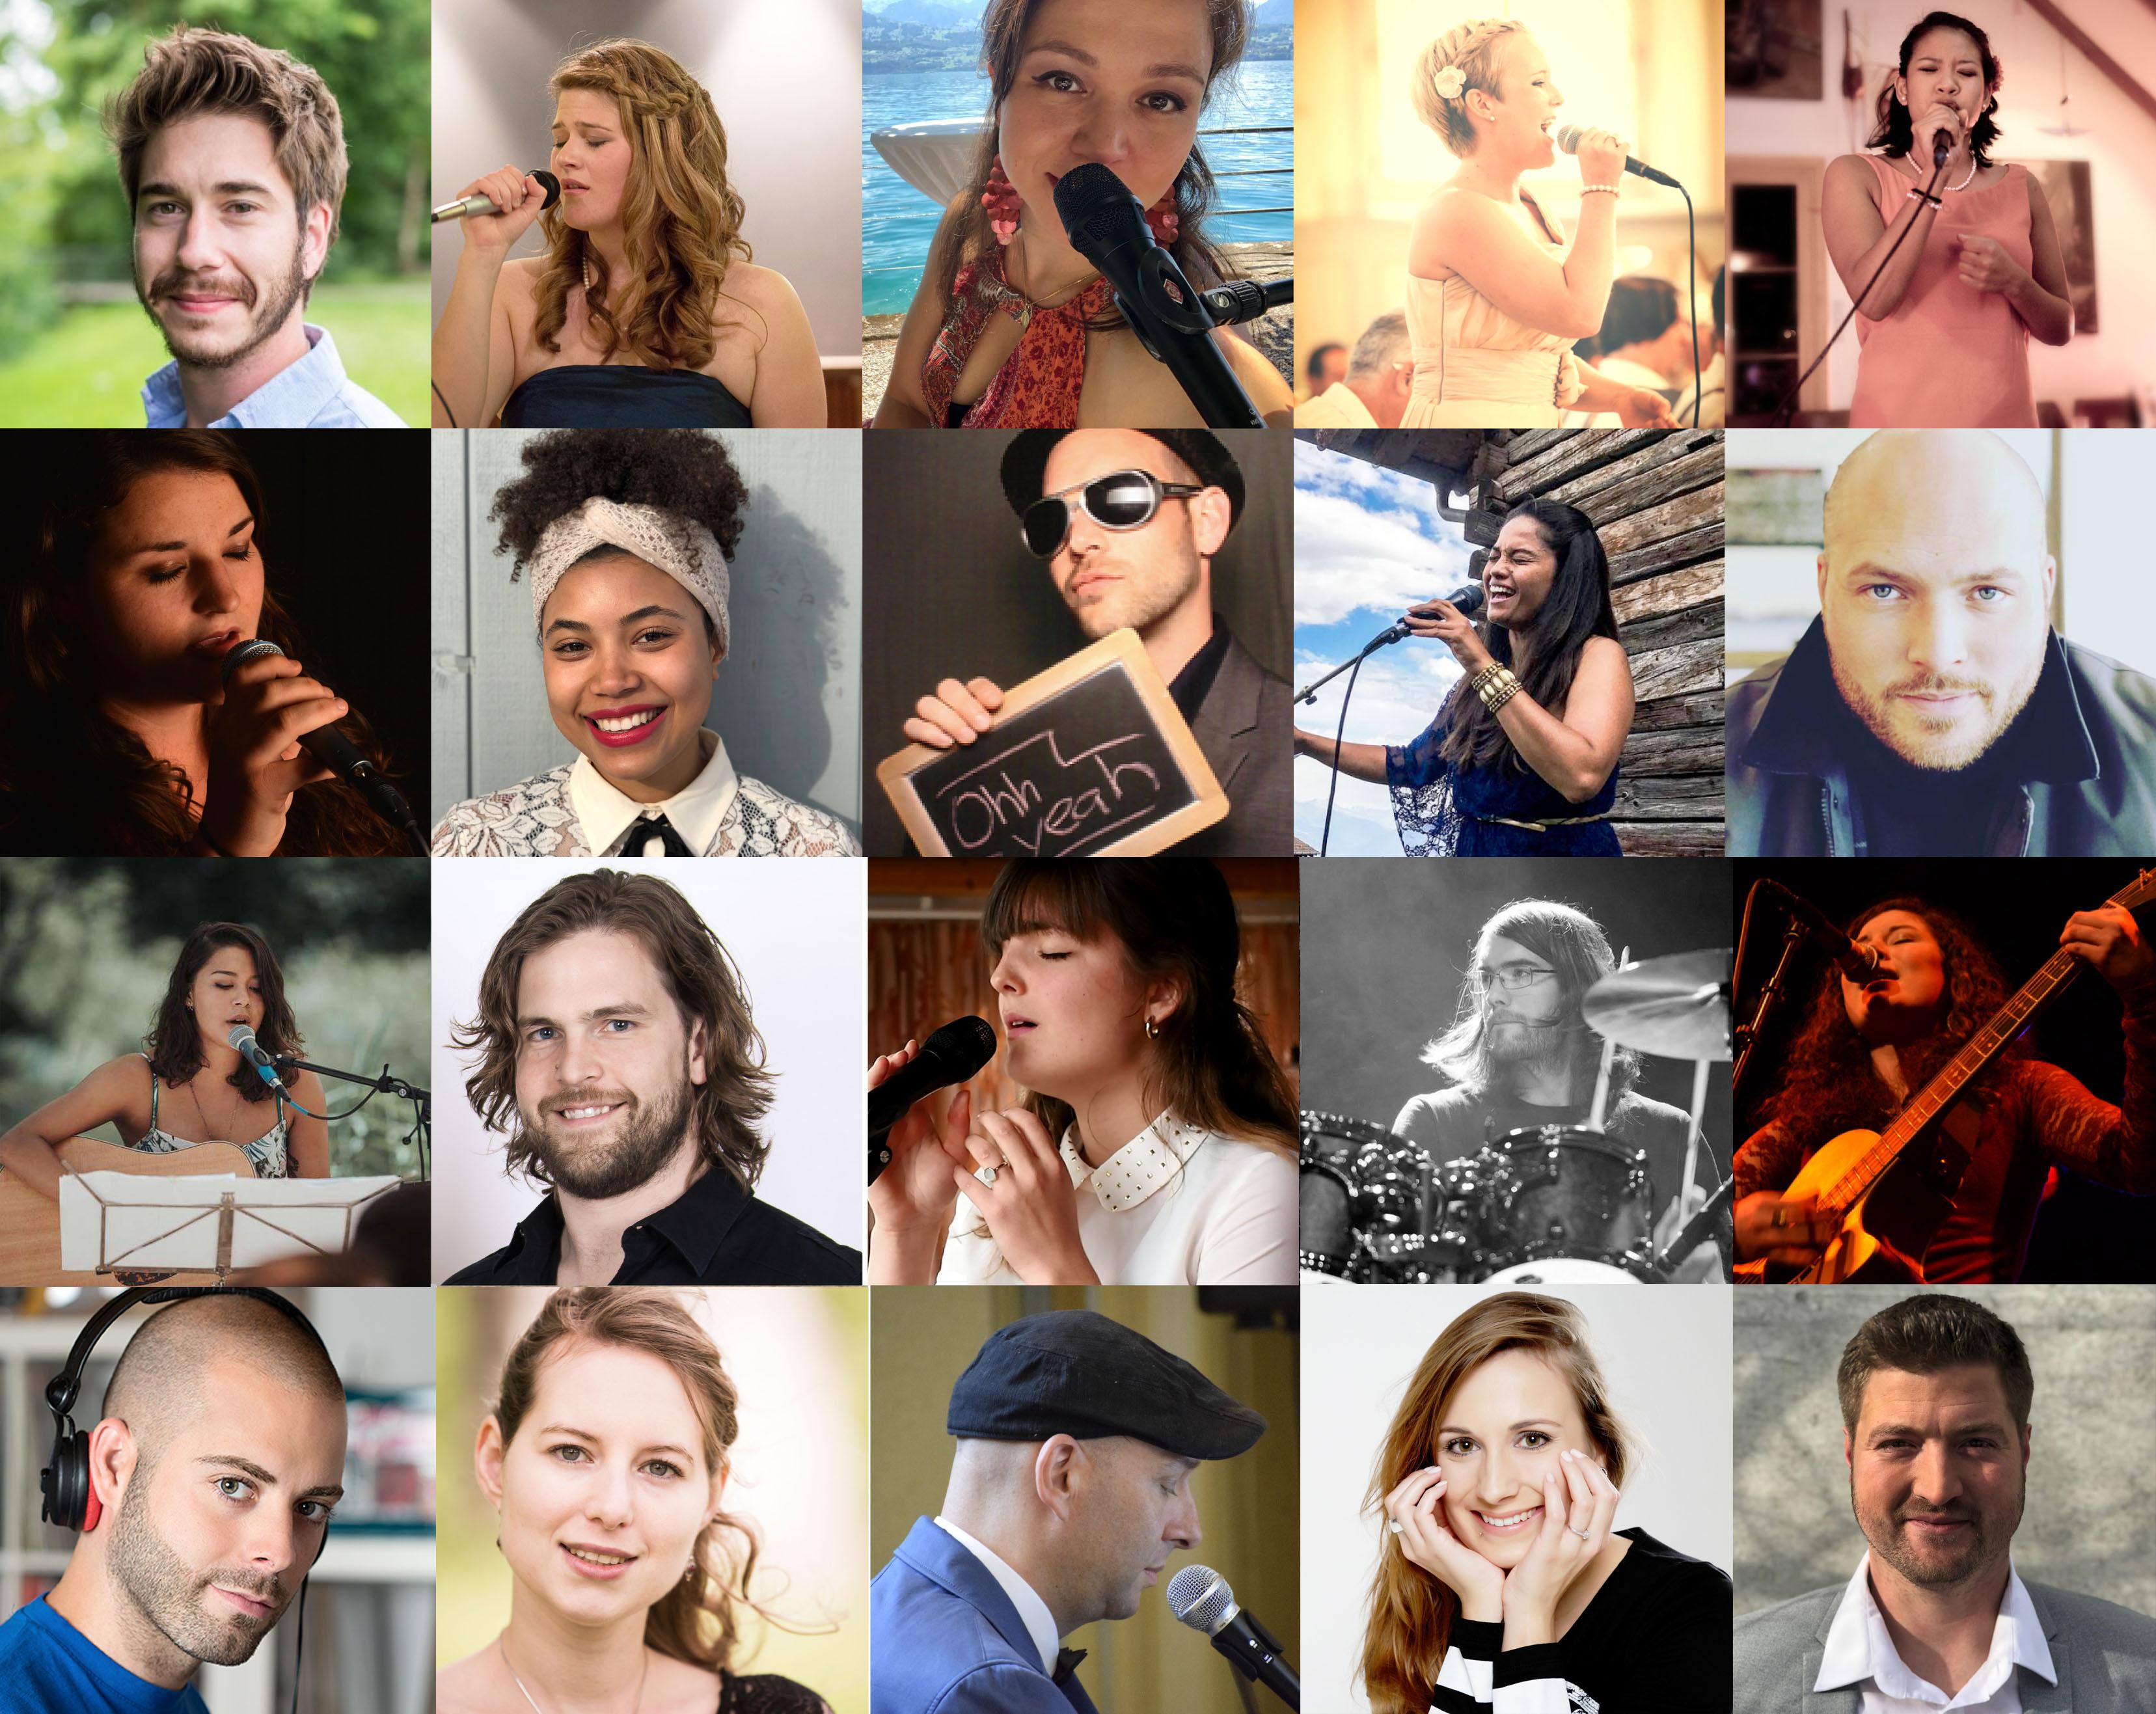 Hochzeit Musik Wedding Voice Schweiz Musiker